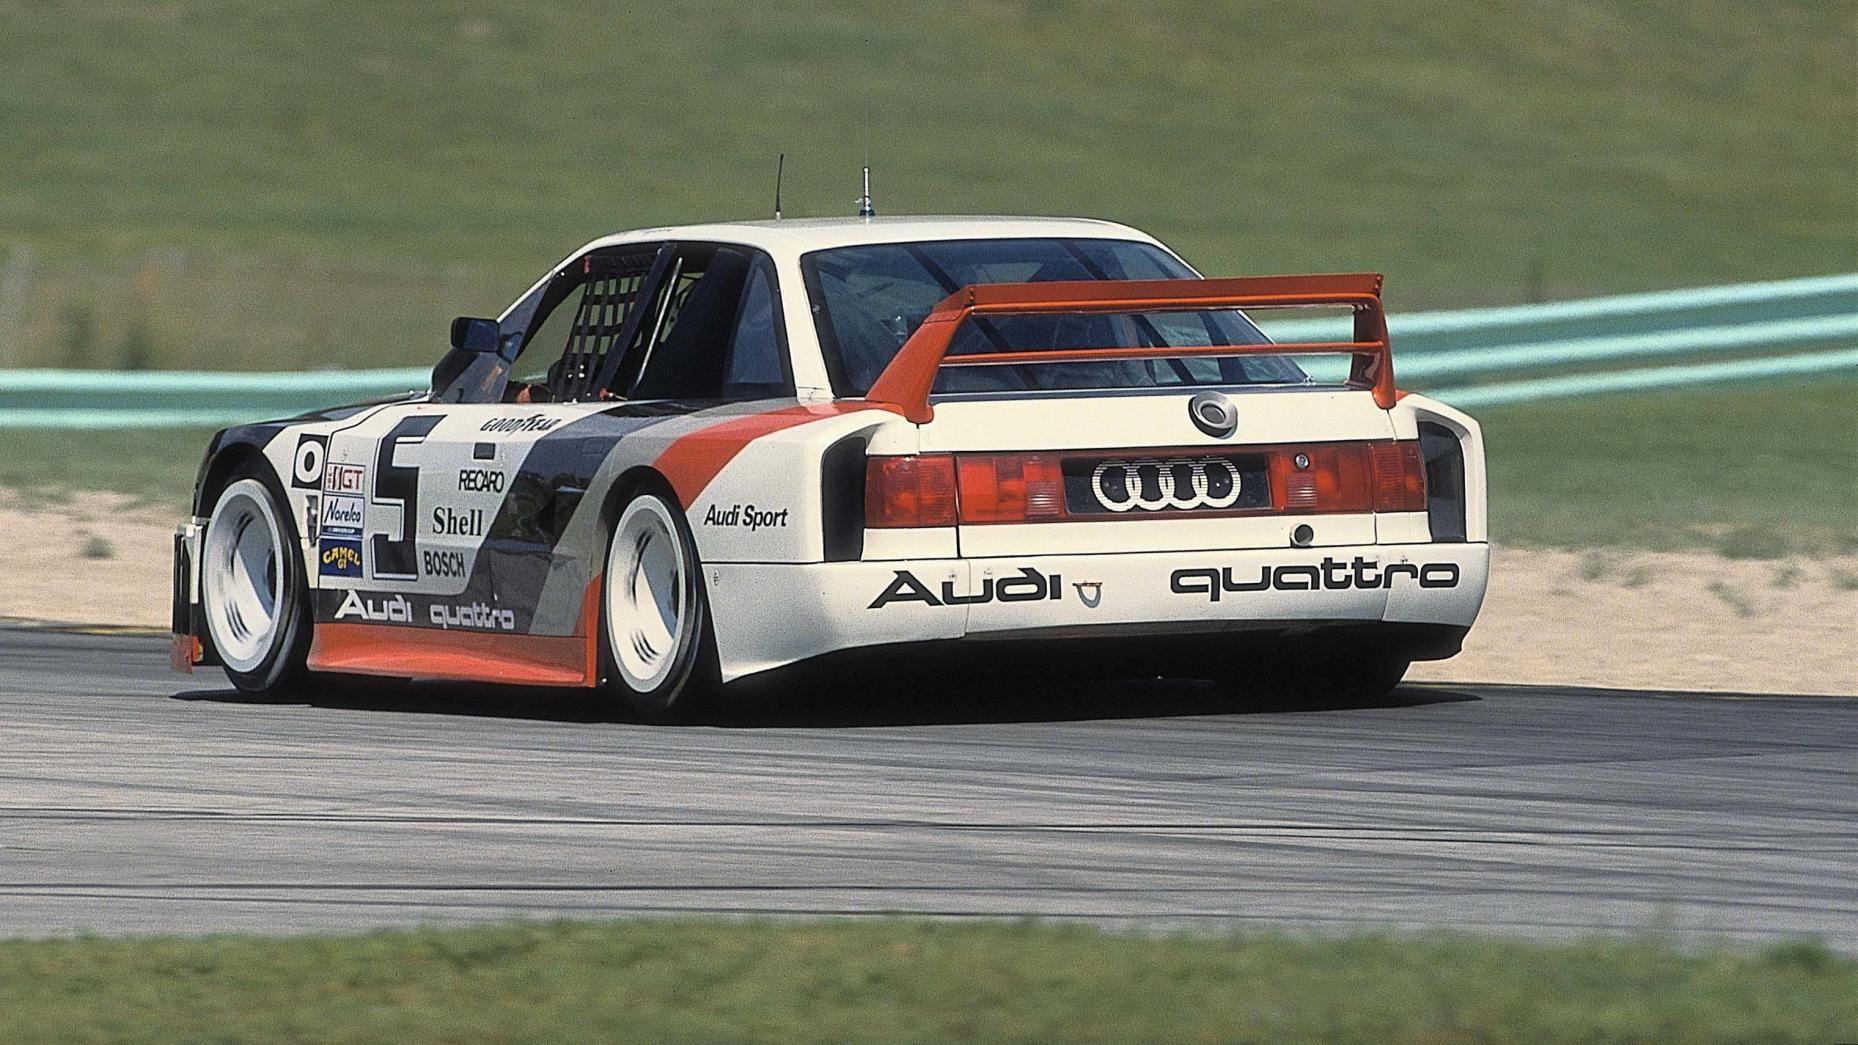 Top Gear S Guide To The Audi 90 Quattro Imsa Gto Gto Car Audi Motorsport Audi